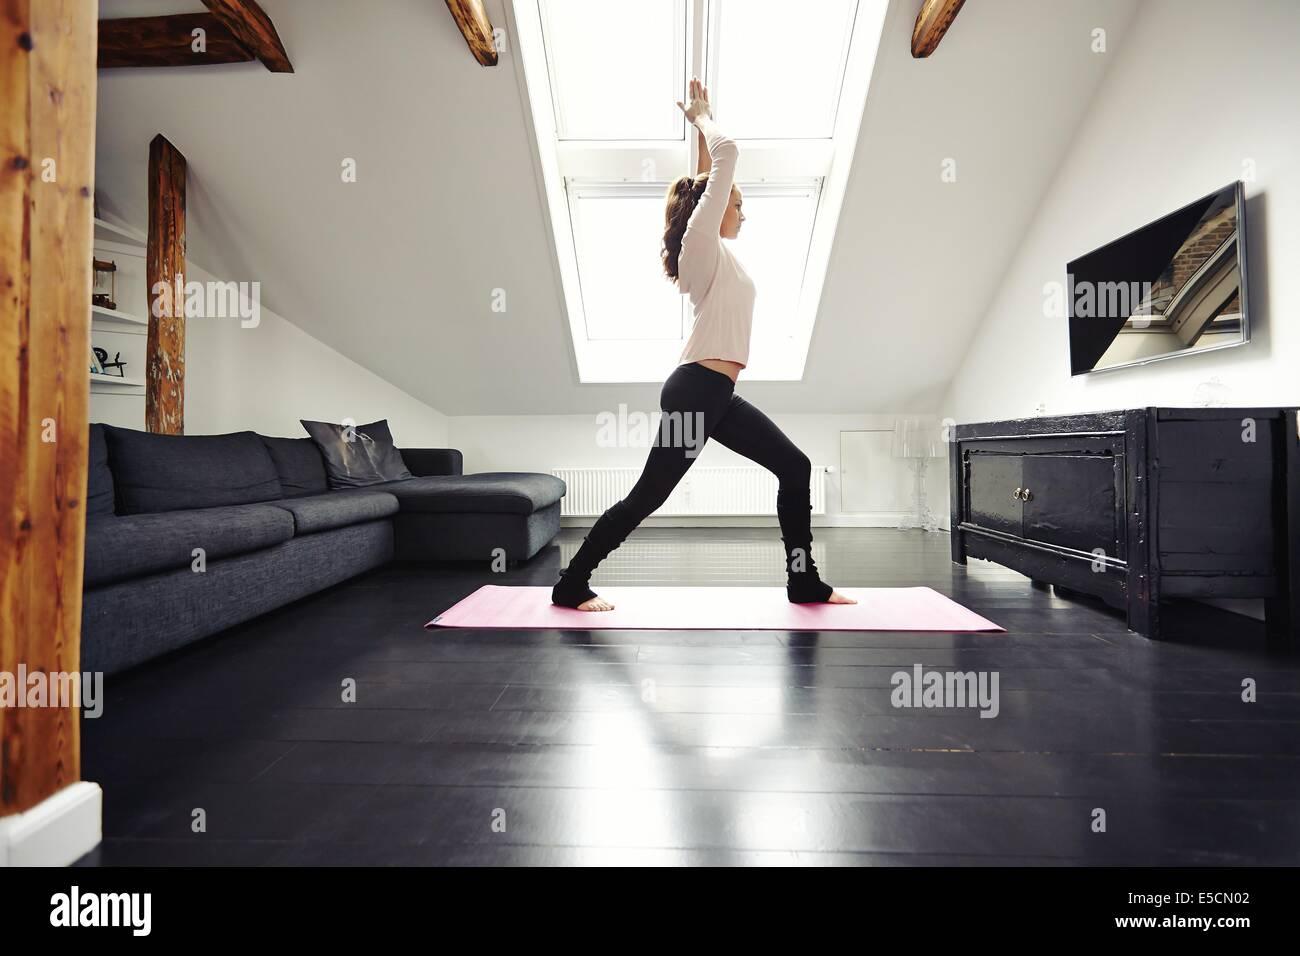 Passen Sie junge Frau beim Yoga zu Hause. Gesunde weibliche Modell Ausübung im Wohnzimmer zu Hause. Stockbild